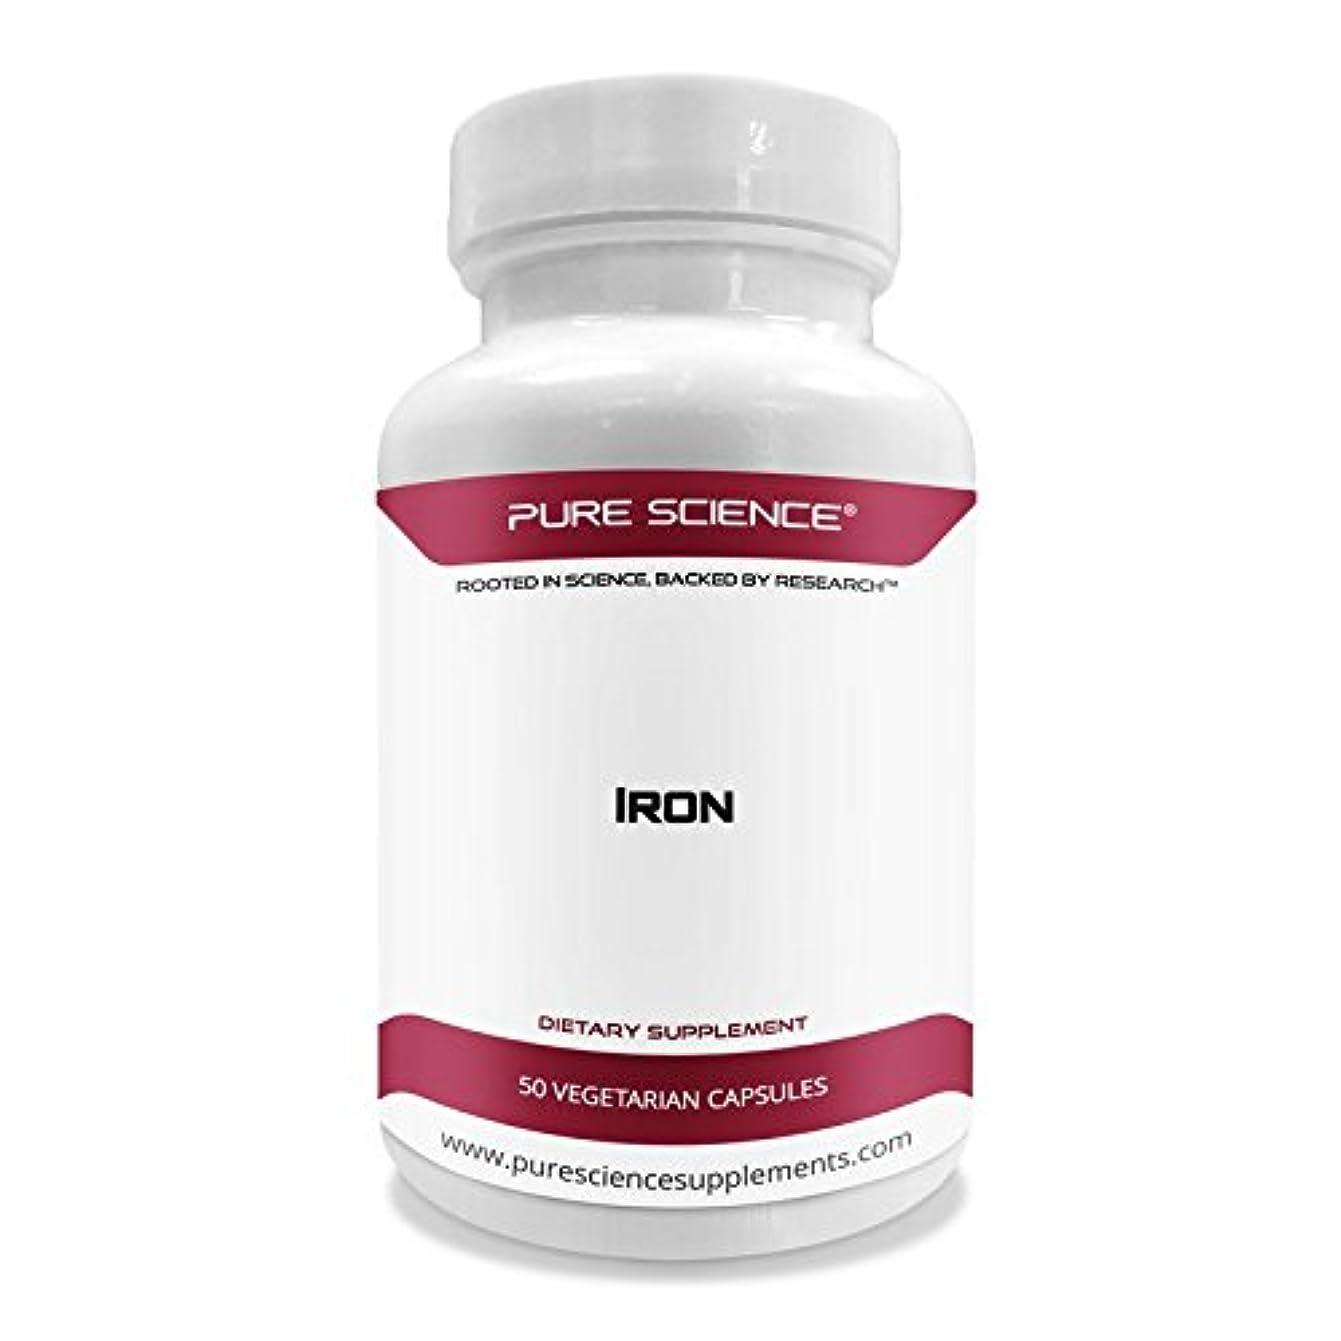 地味な会話ソーシャルPure Science の 鉄(硫酸第一鉄として)Iron (as Ferrous Sulfate) - 65mg - を含む 5mgバイオペリン (BioPerine?) - 50 ベジタリアンカプセル - アメリカ製 - 海外直送品